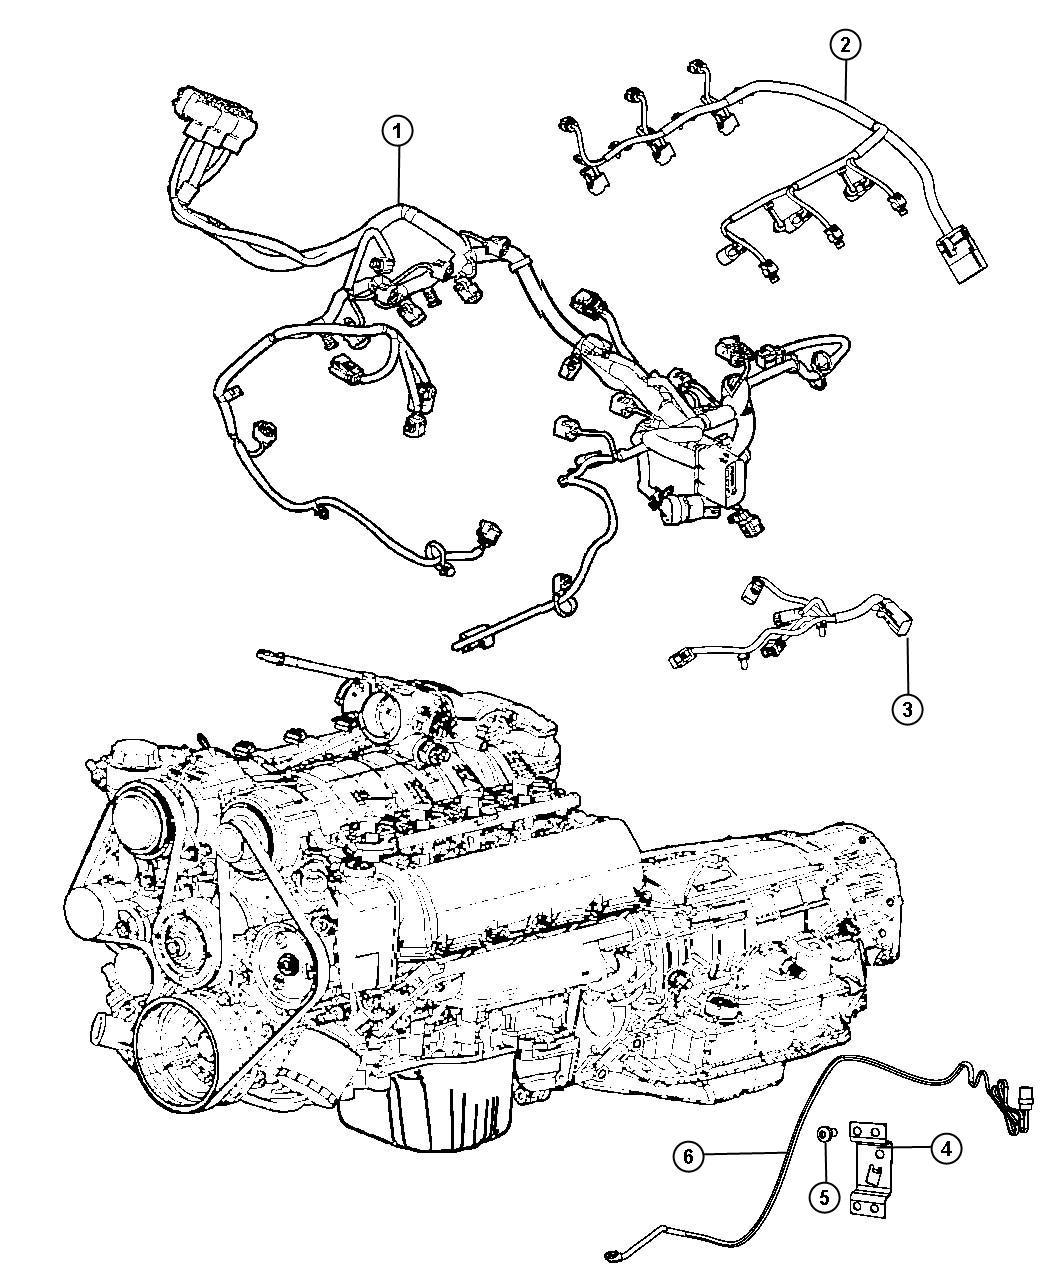 Grand Caravan Wiring Engine Gas 3 6 Engine 3 6l V6 24v